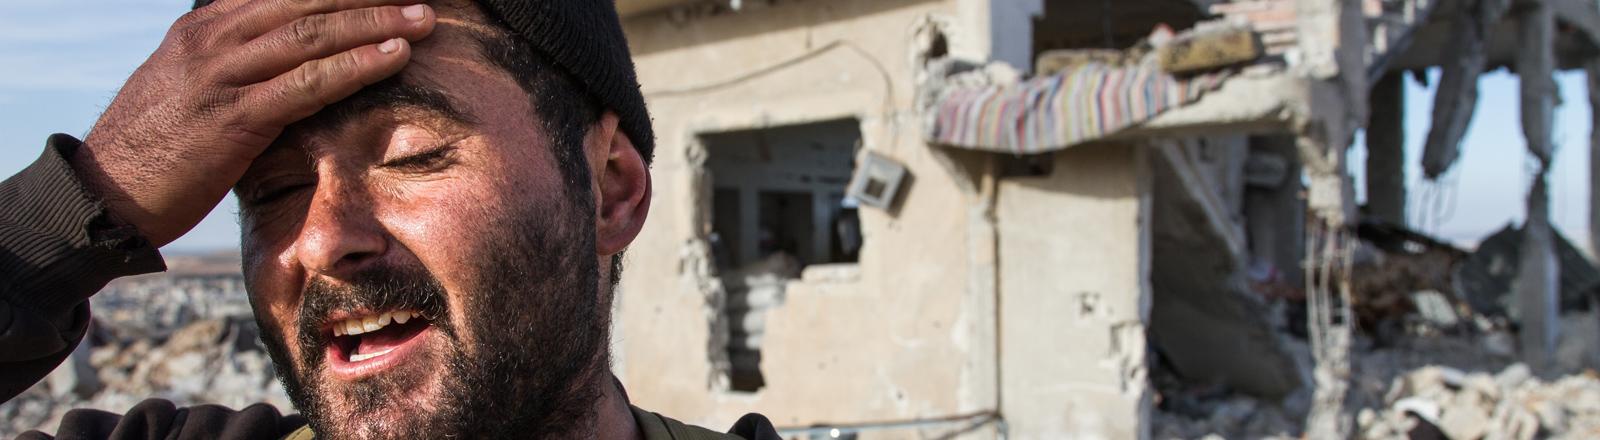 Ein Kämpfer der kurdischen YPG steht am 06.02.2015 in Kobane, Syrien, vor einem zerstörten Haus. Die schweren Kämpfe zwischen Kurden und Kämpfern des Islamischen Staates (IS) haben die Stadt in weiten Teilen in ein Trümmerfeld verwandelt.